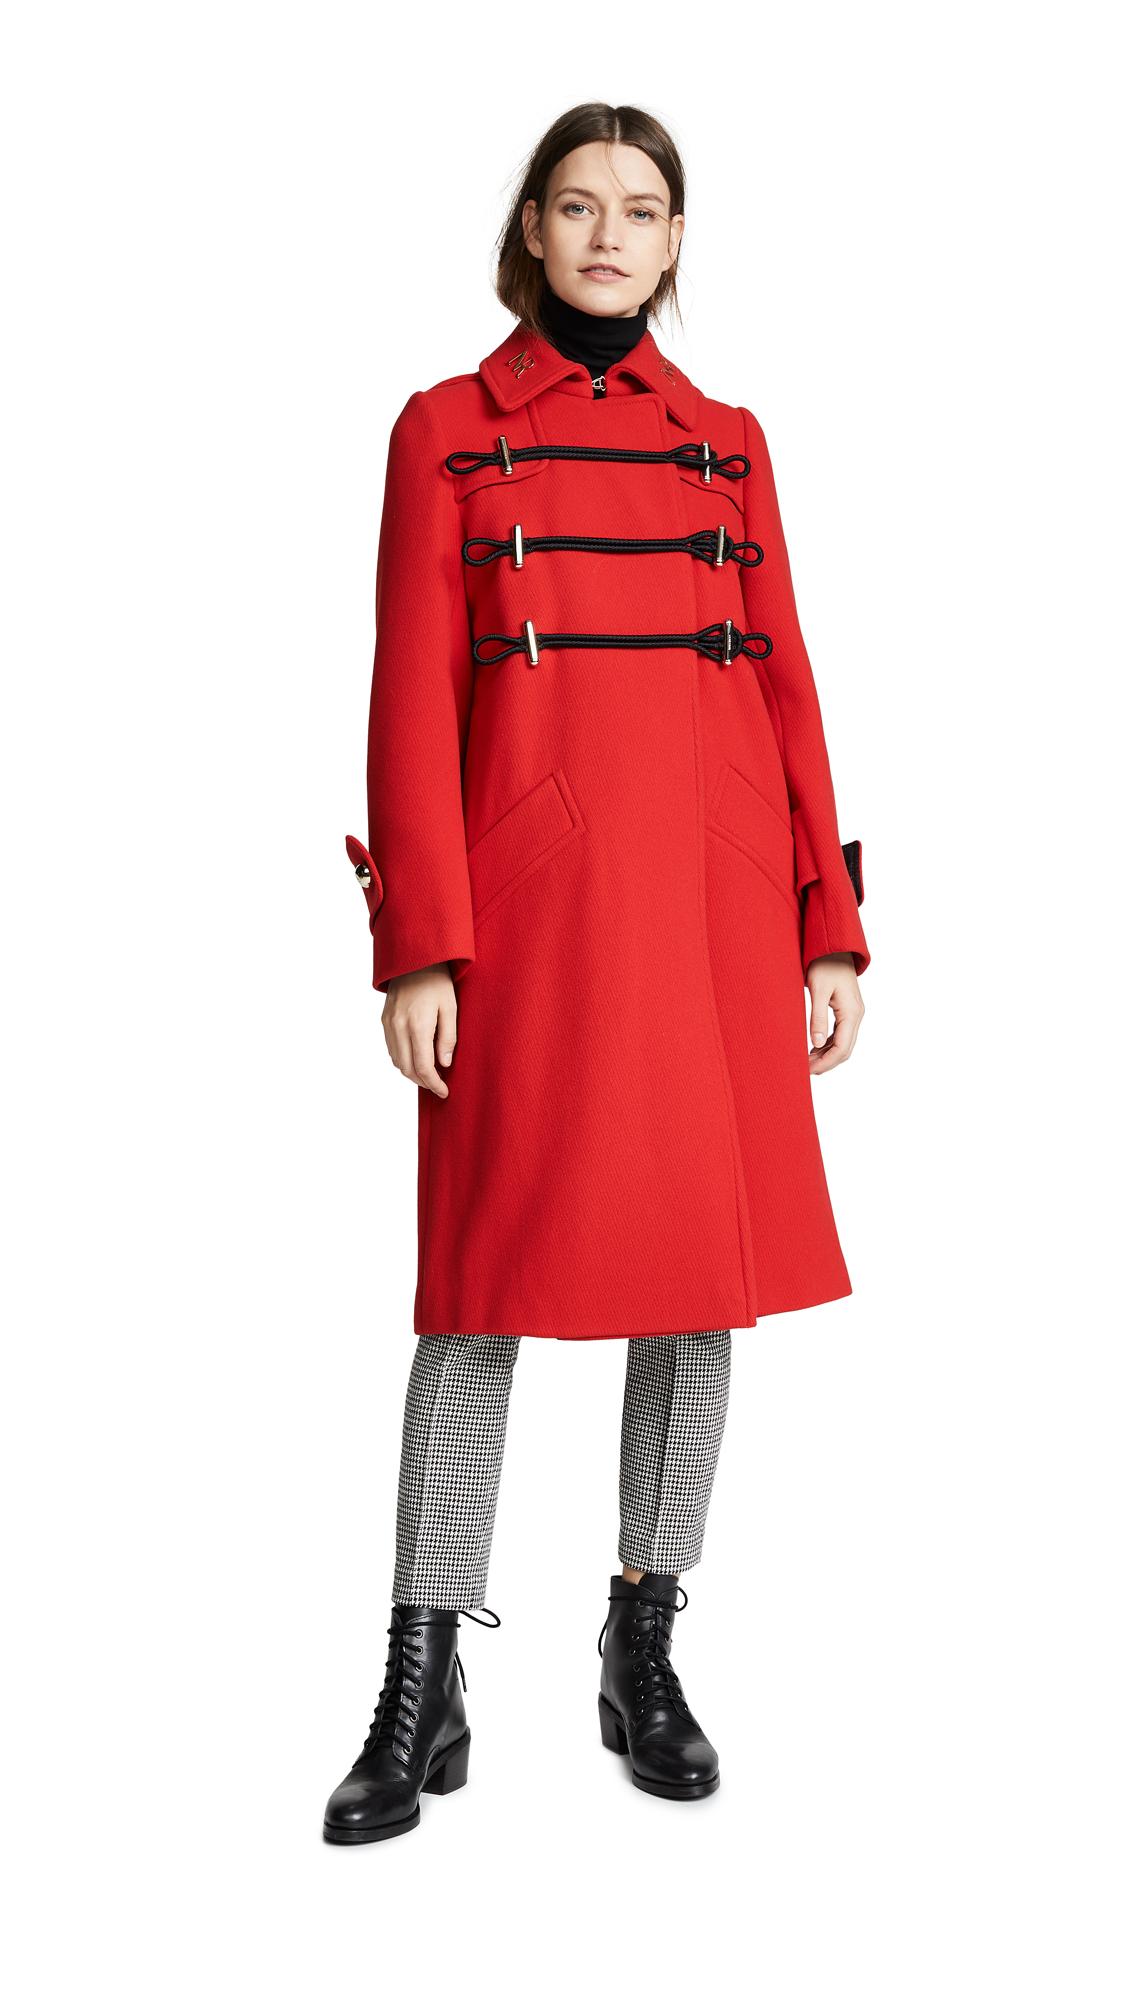 Nina Ricci Manteau Long Coat - Red